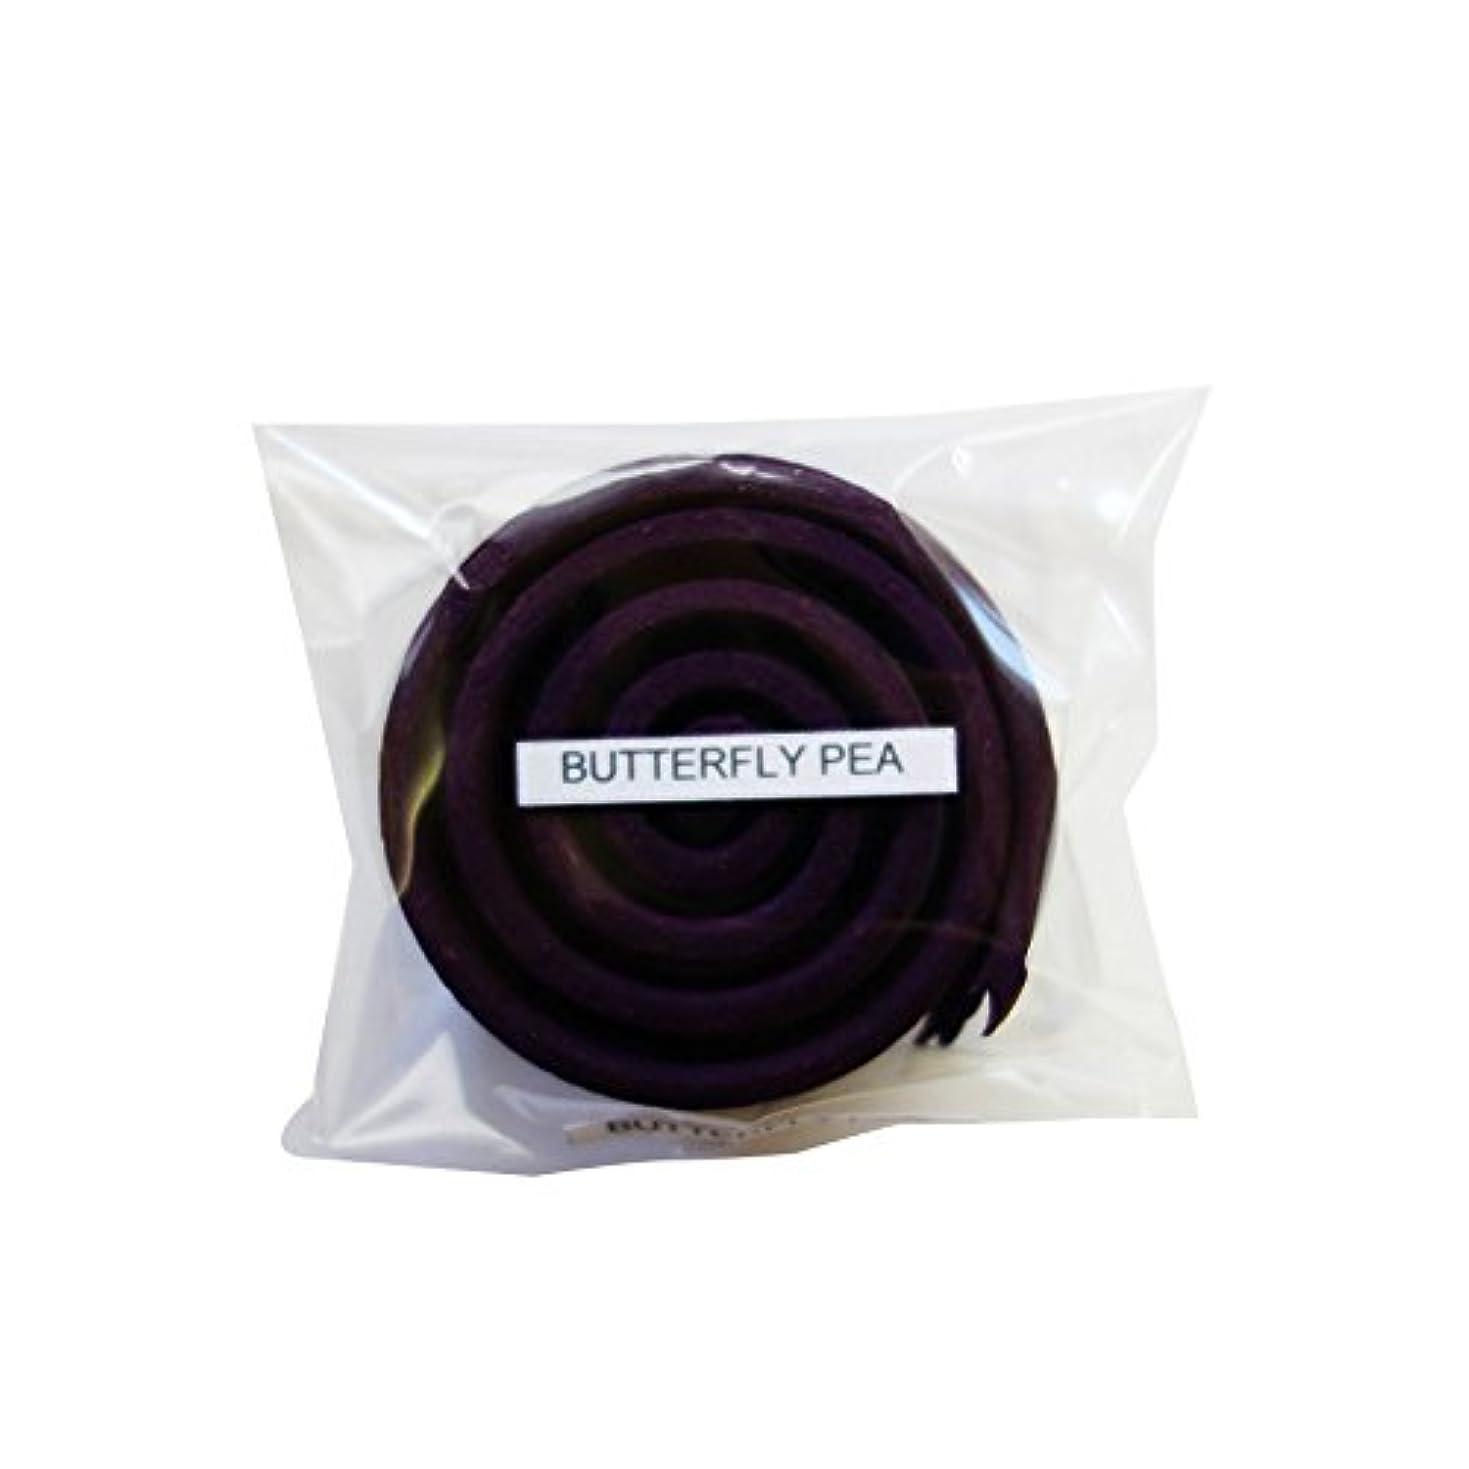 ピース櫛ドキドキお香/うずまき香 BUTTERFLY PEA バタフライピー 直径5cm×5巻セット [並行輸入品]